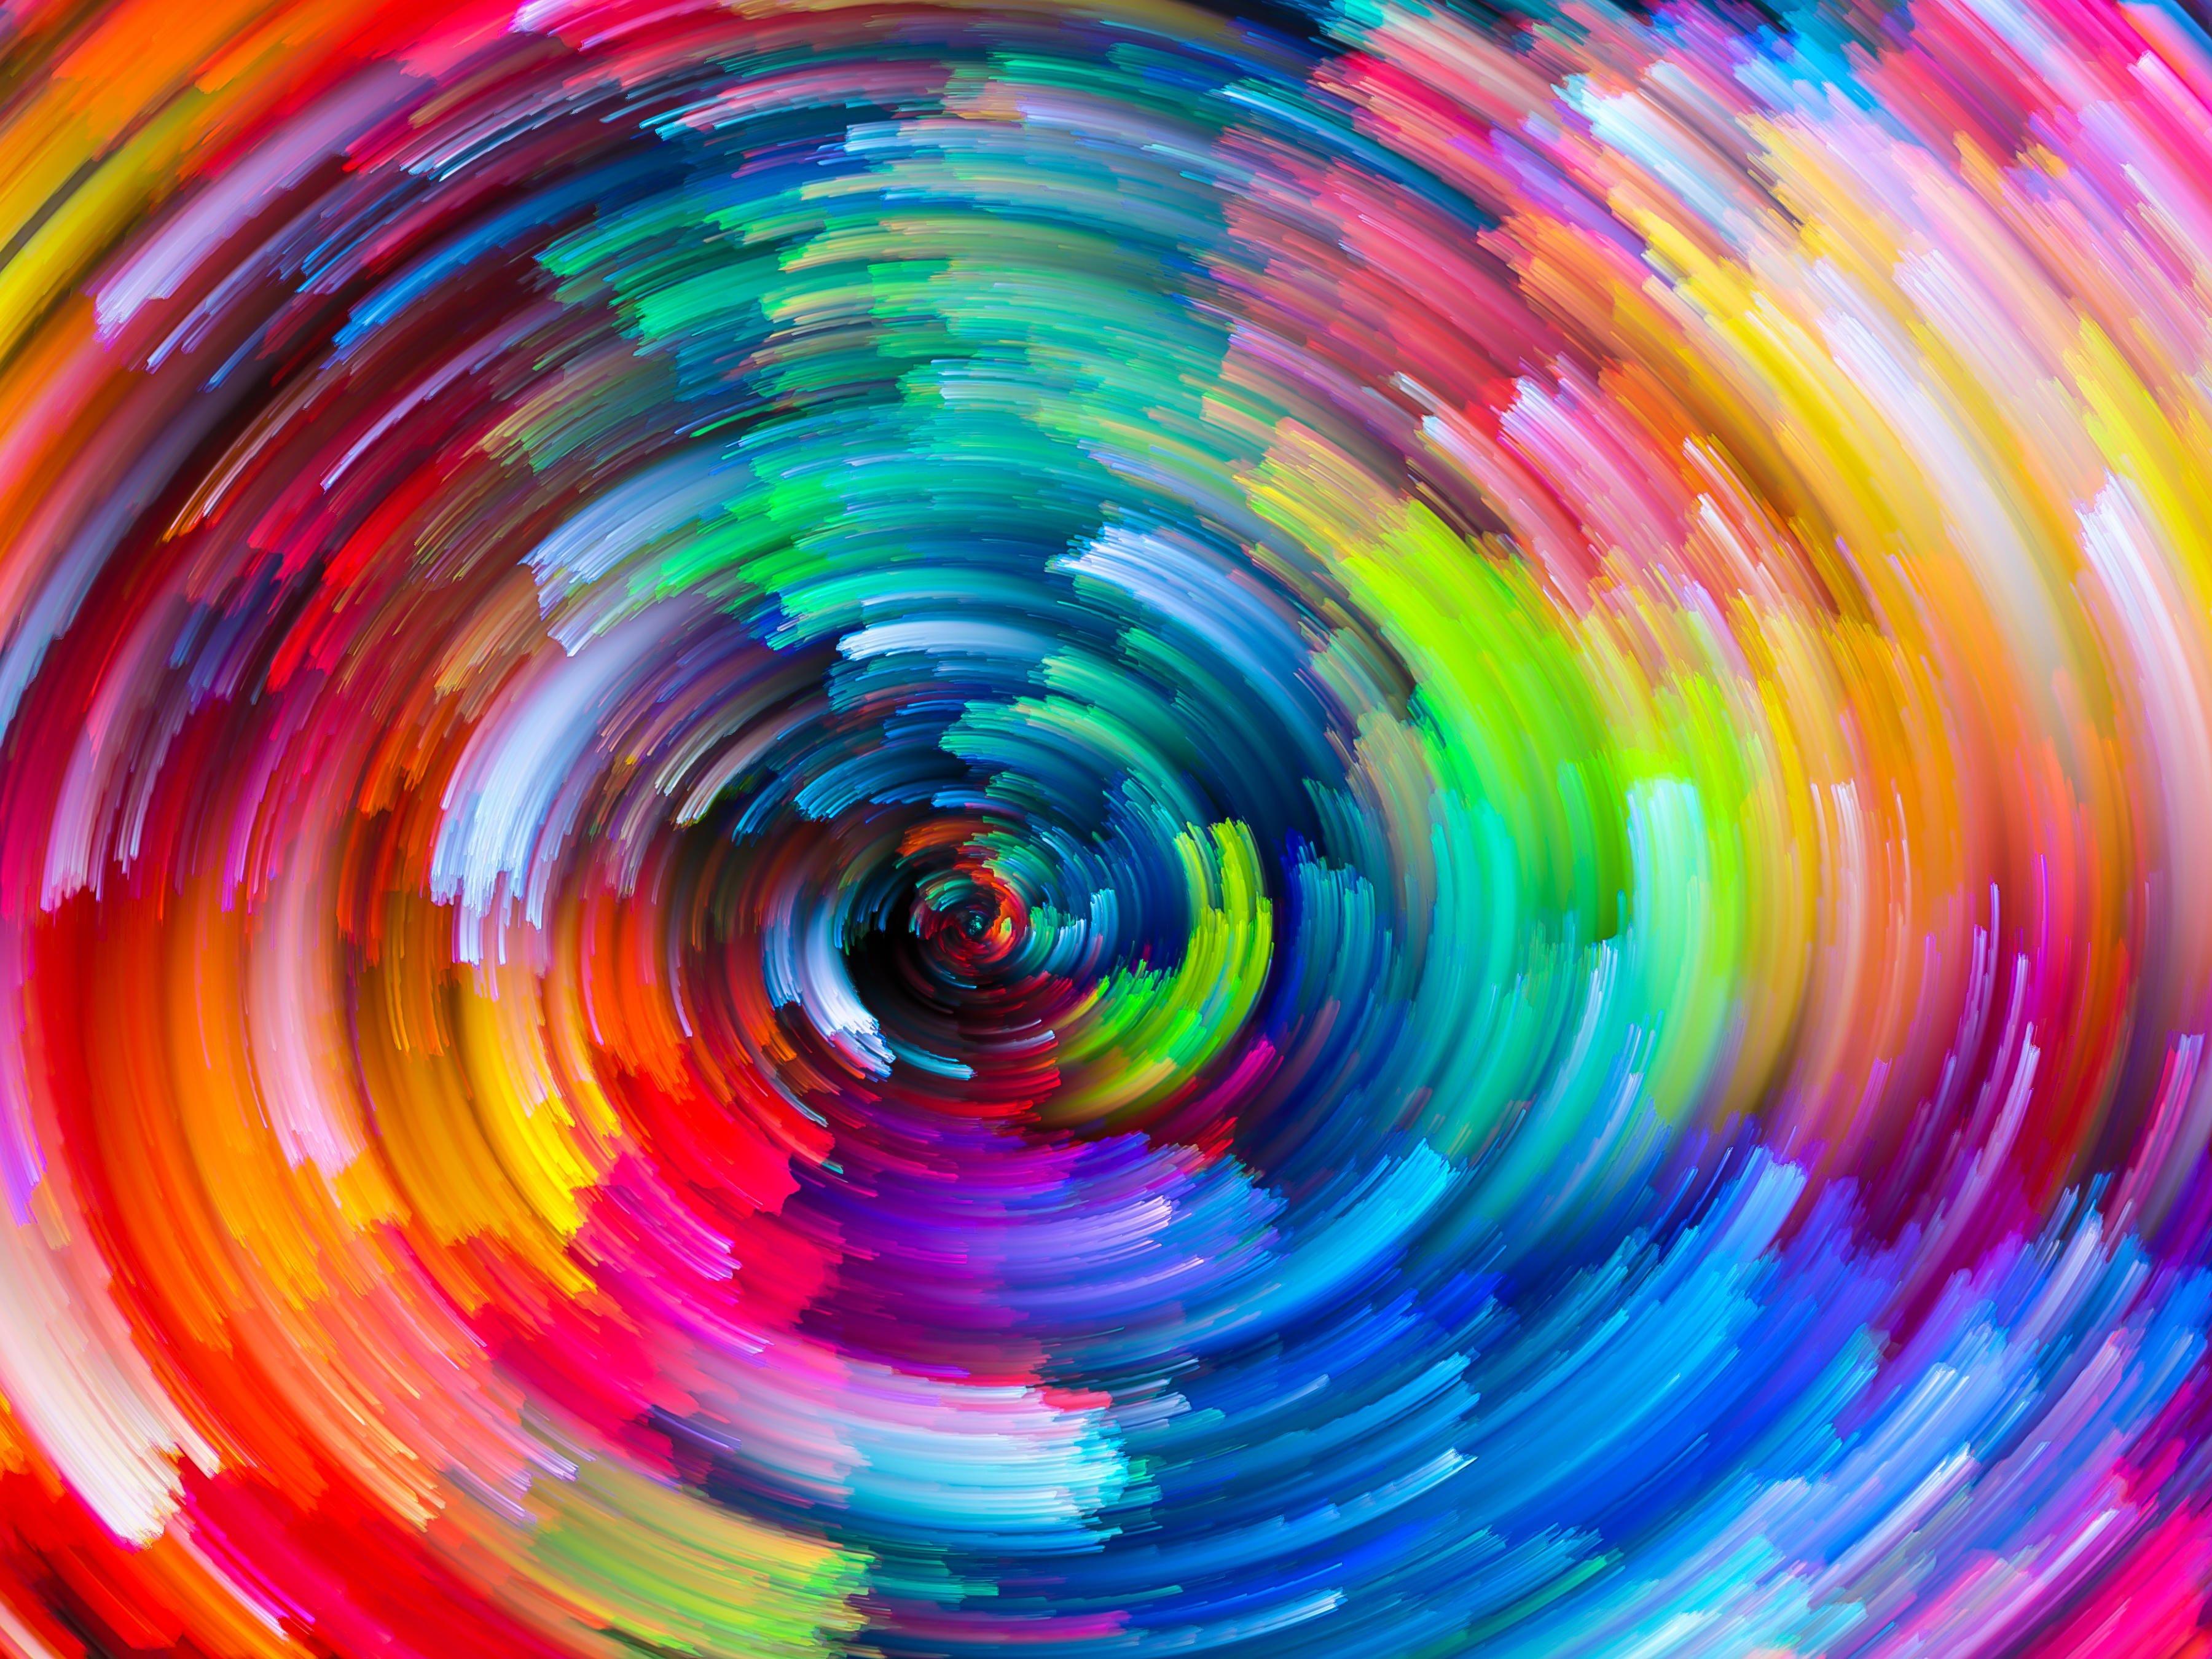 Fondos de pantalla Lineas en espiral de colores